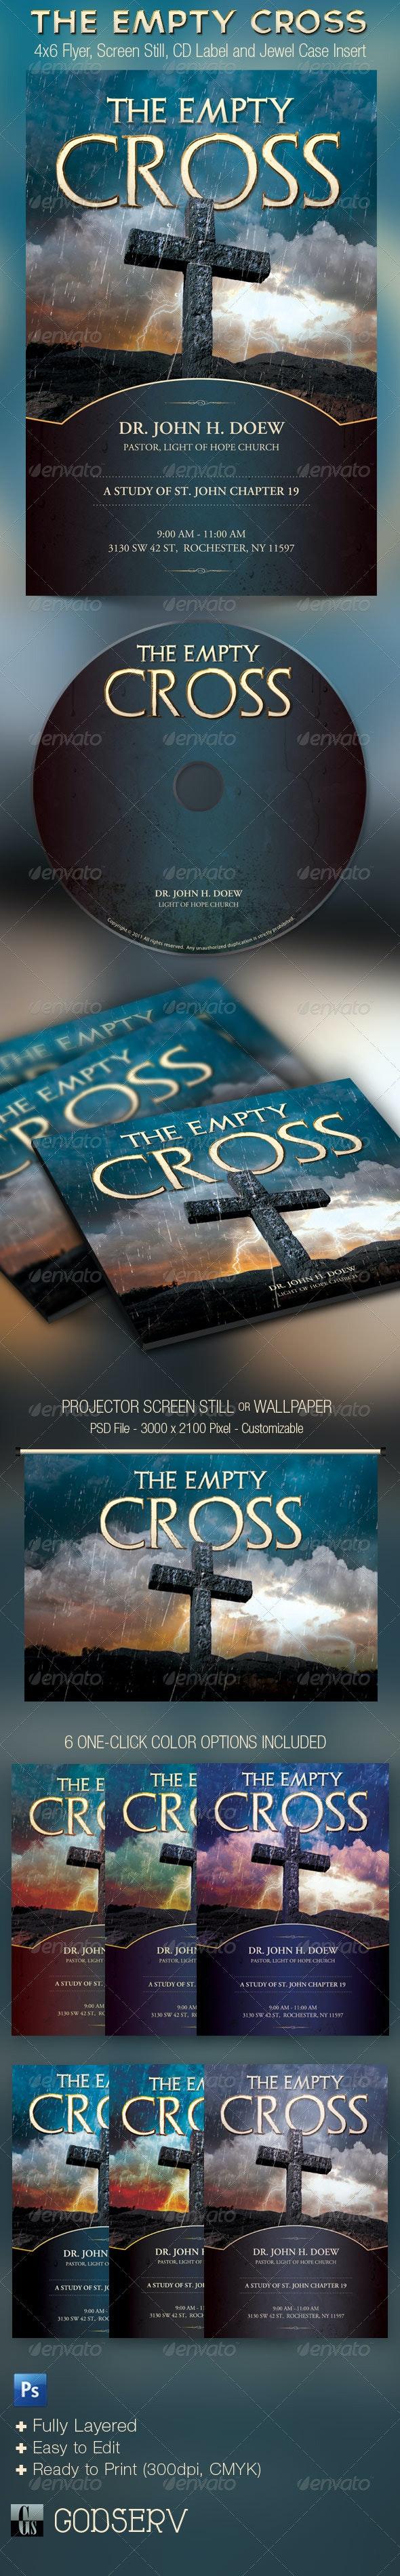 Empty Cross Church Flyer Slide CD Template - Church Flyers